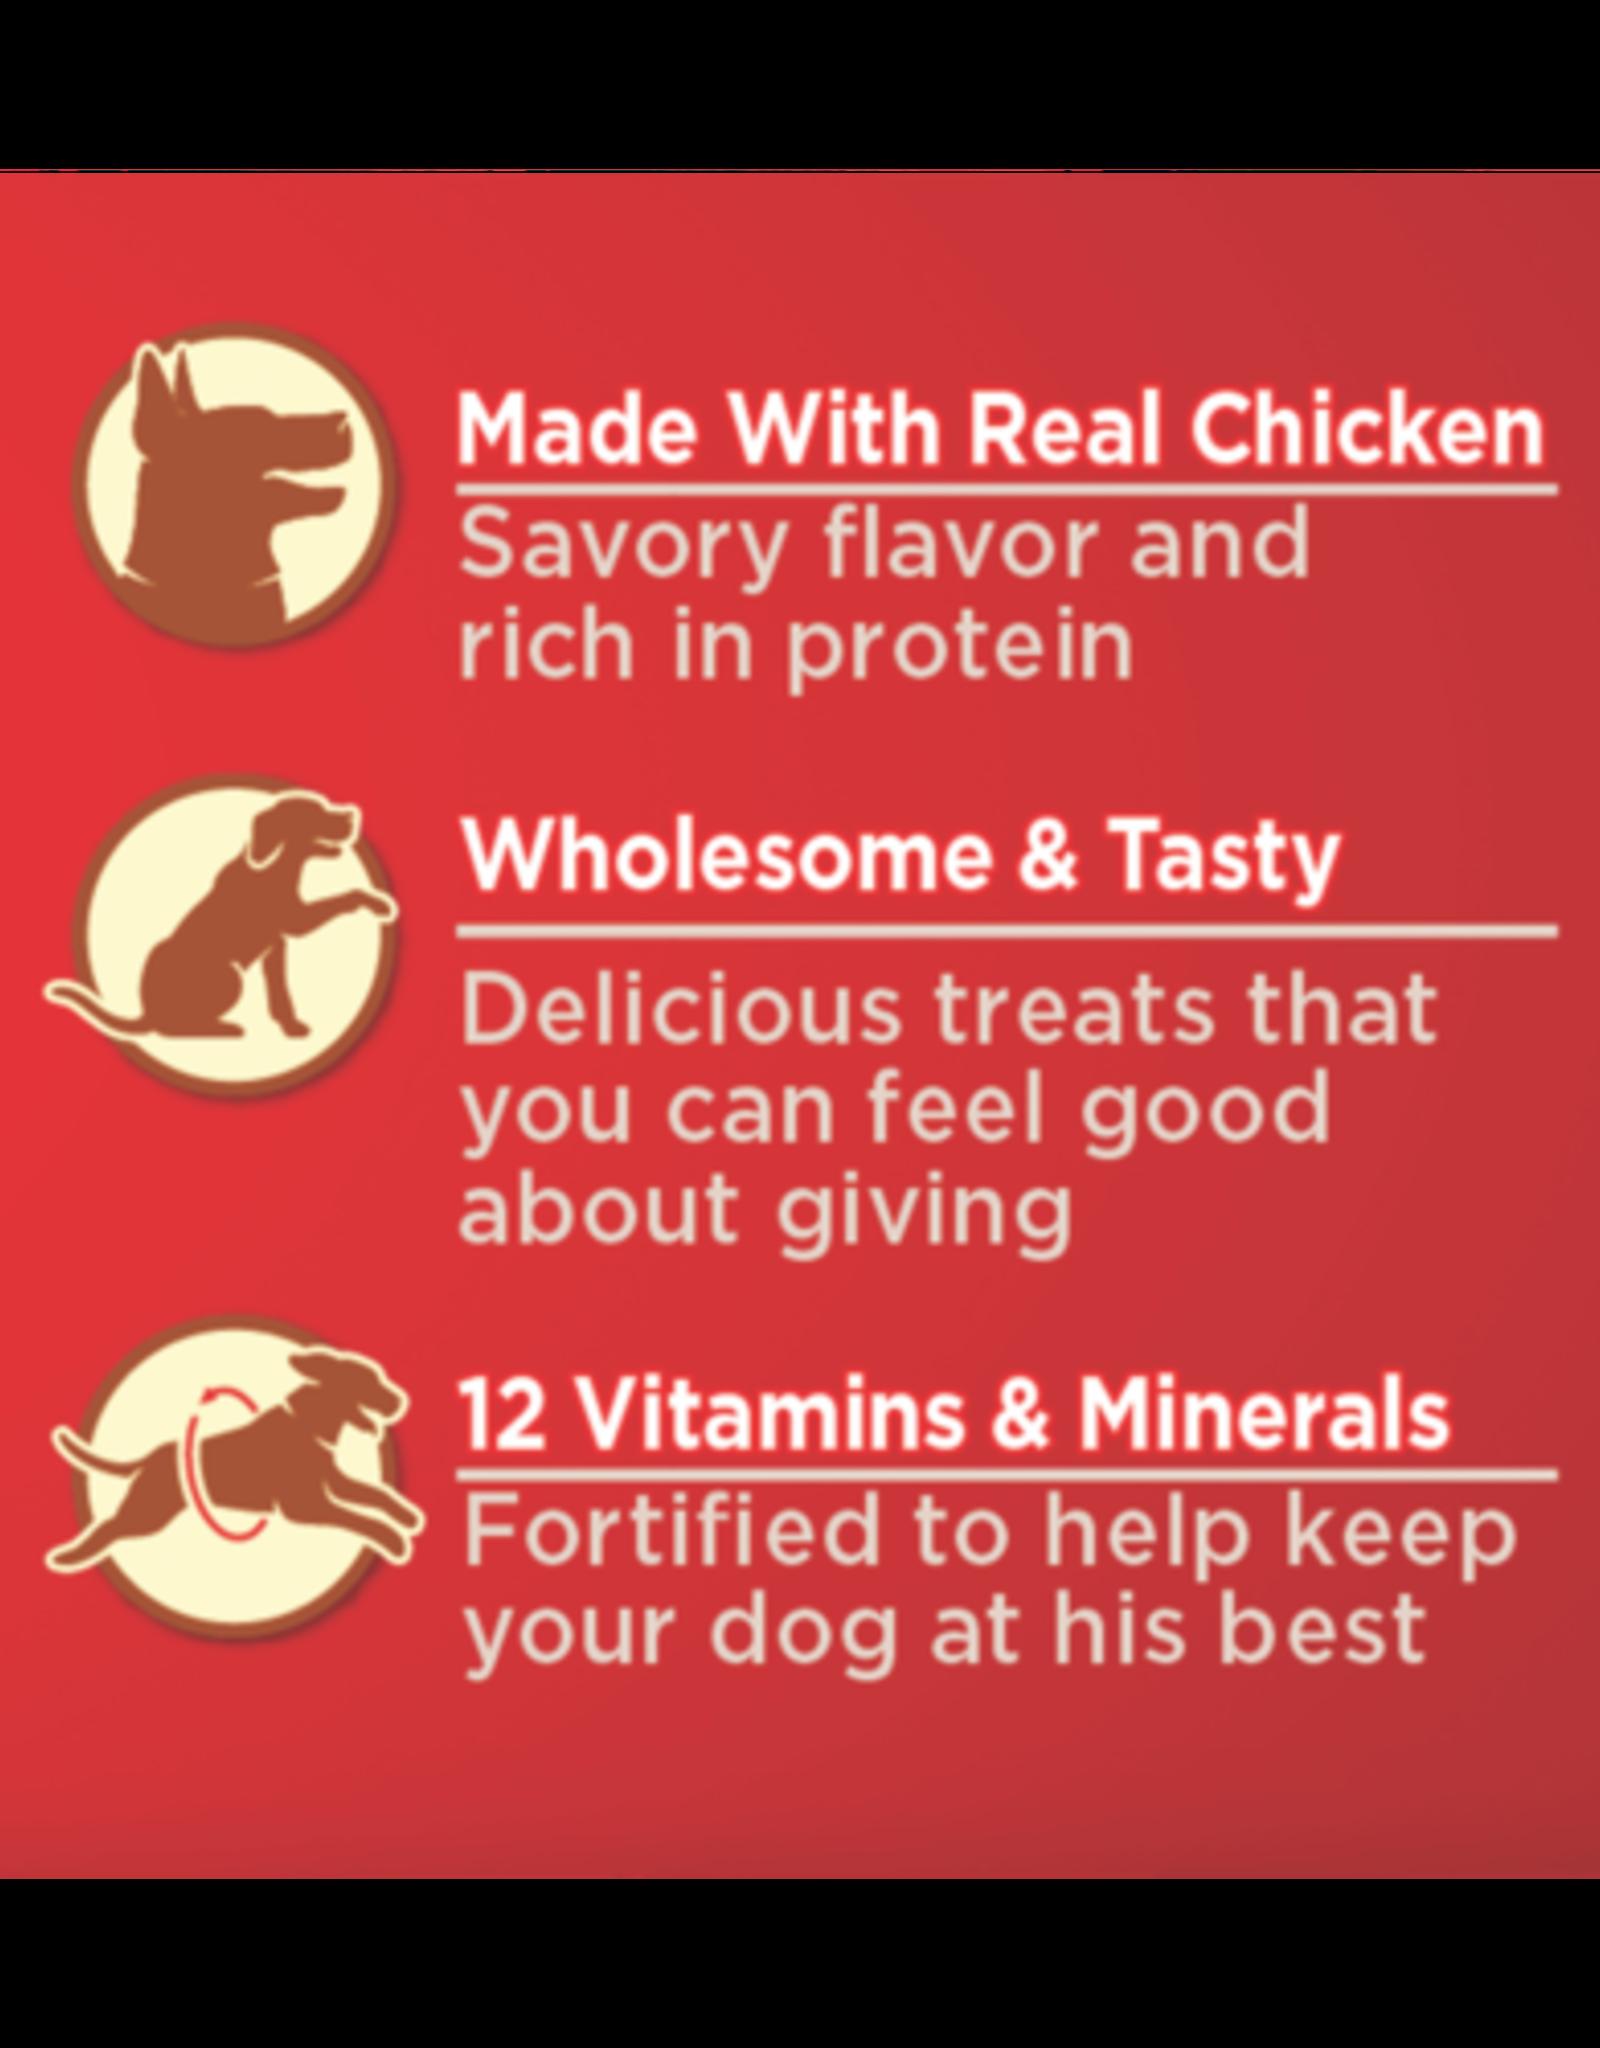 DELMONTE FOODS LLC MILKBONE CHEWY CHICKEN DRUMSTICK 5.6OZ